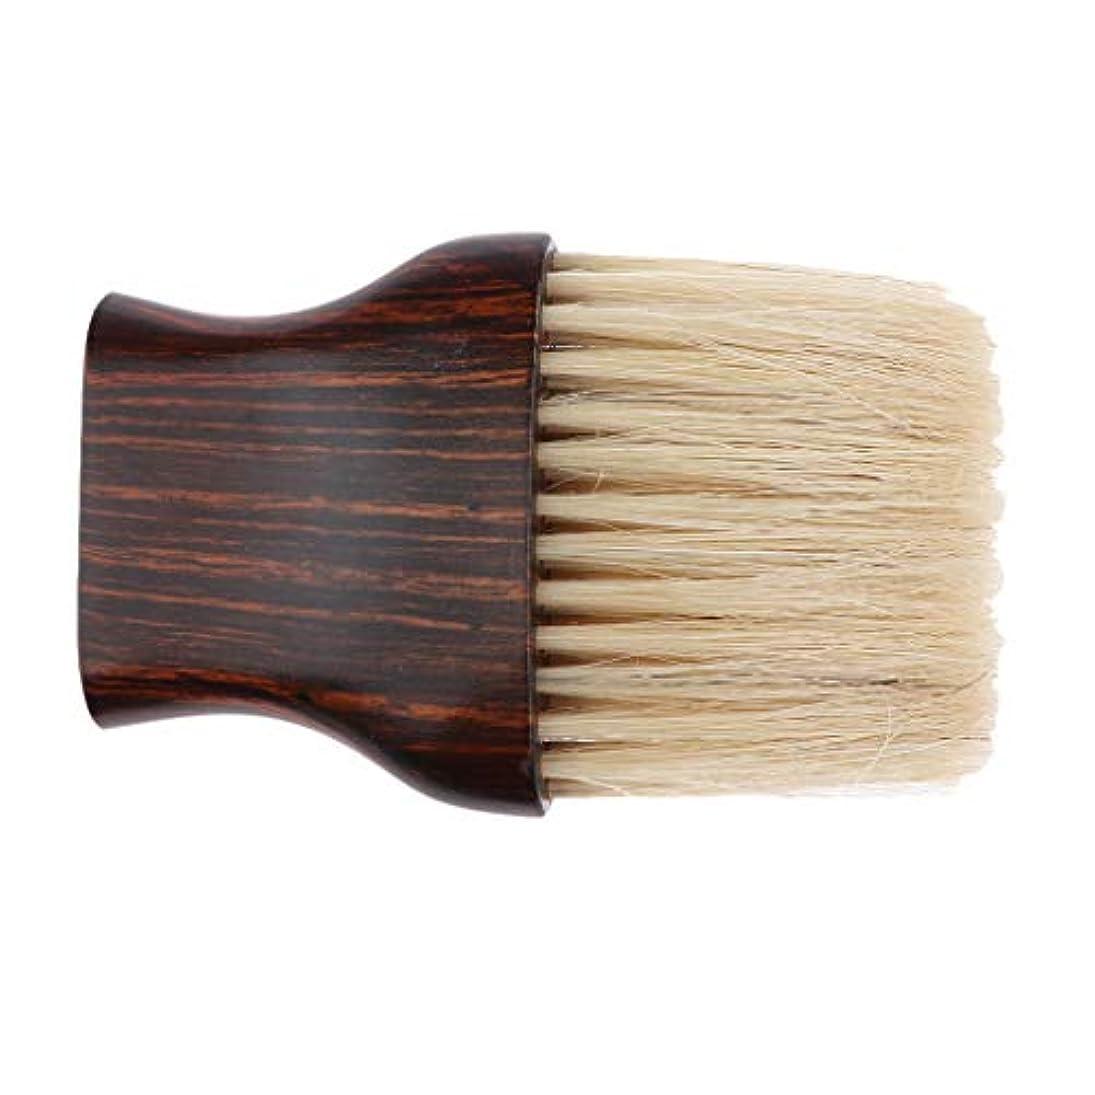 エッセンスダーツベギンDYNWAVE 理髪 ネックダスターブラシ クリーニング ヘアブラシ ヘアスイープブラシ サロンヘアカット ツール